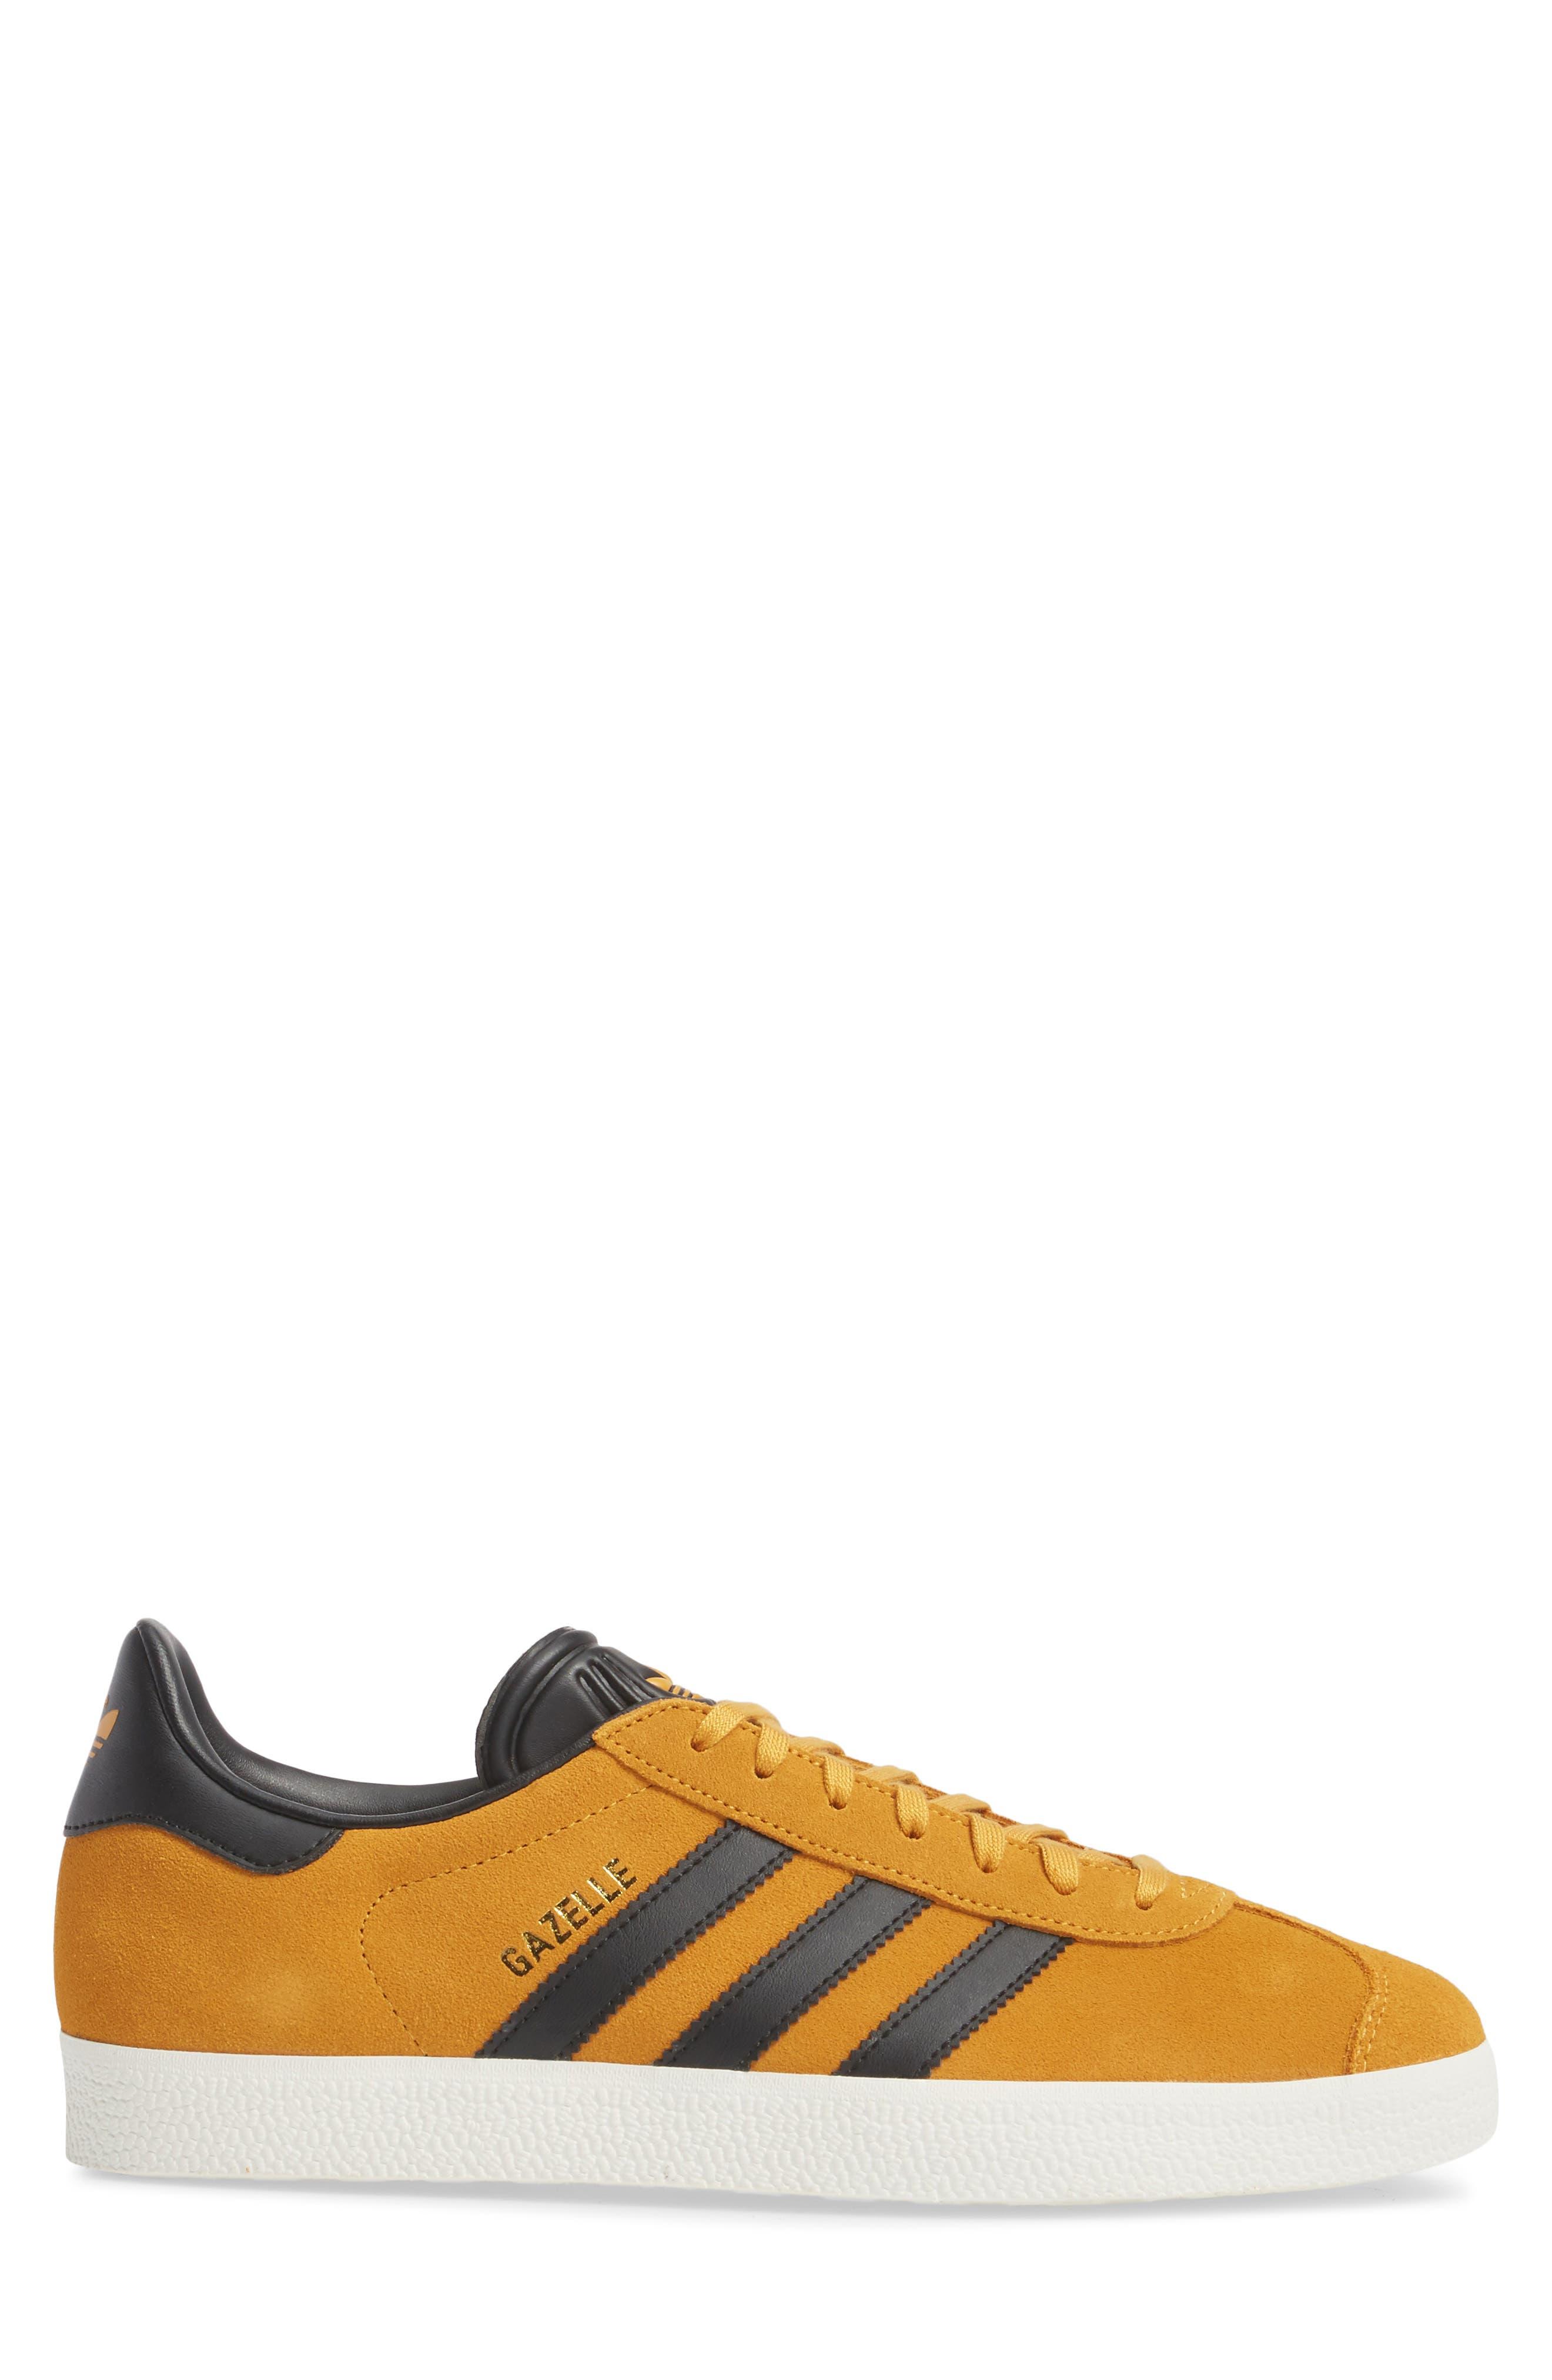 Gazelle Sneaker,                             Alternate thumbnail 3, color,                             Yellow/ Core Black/ Gold